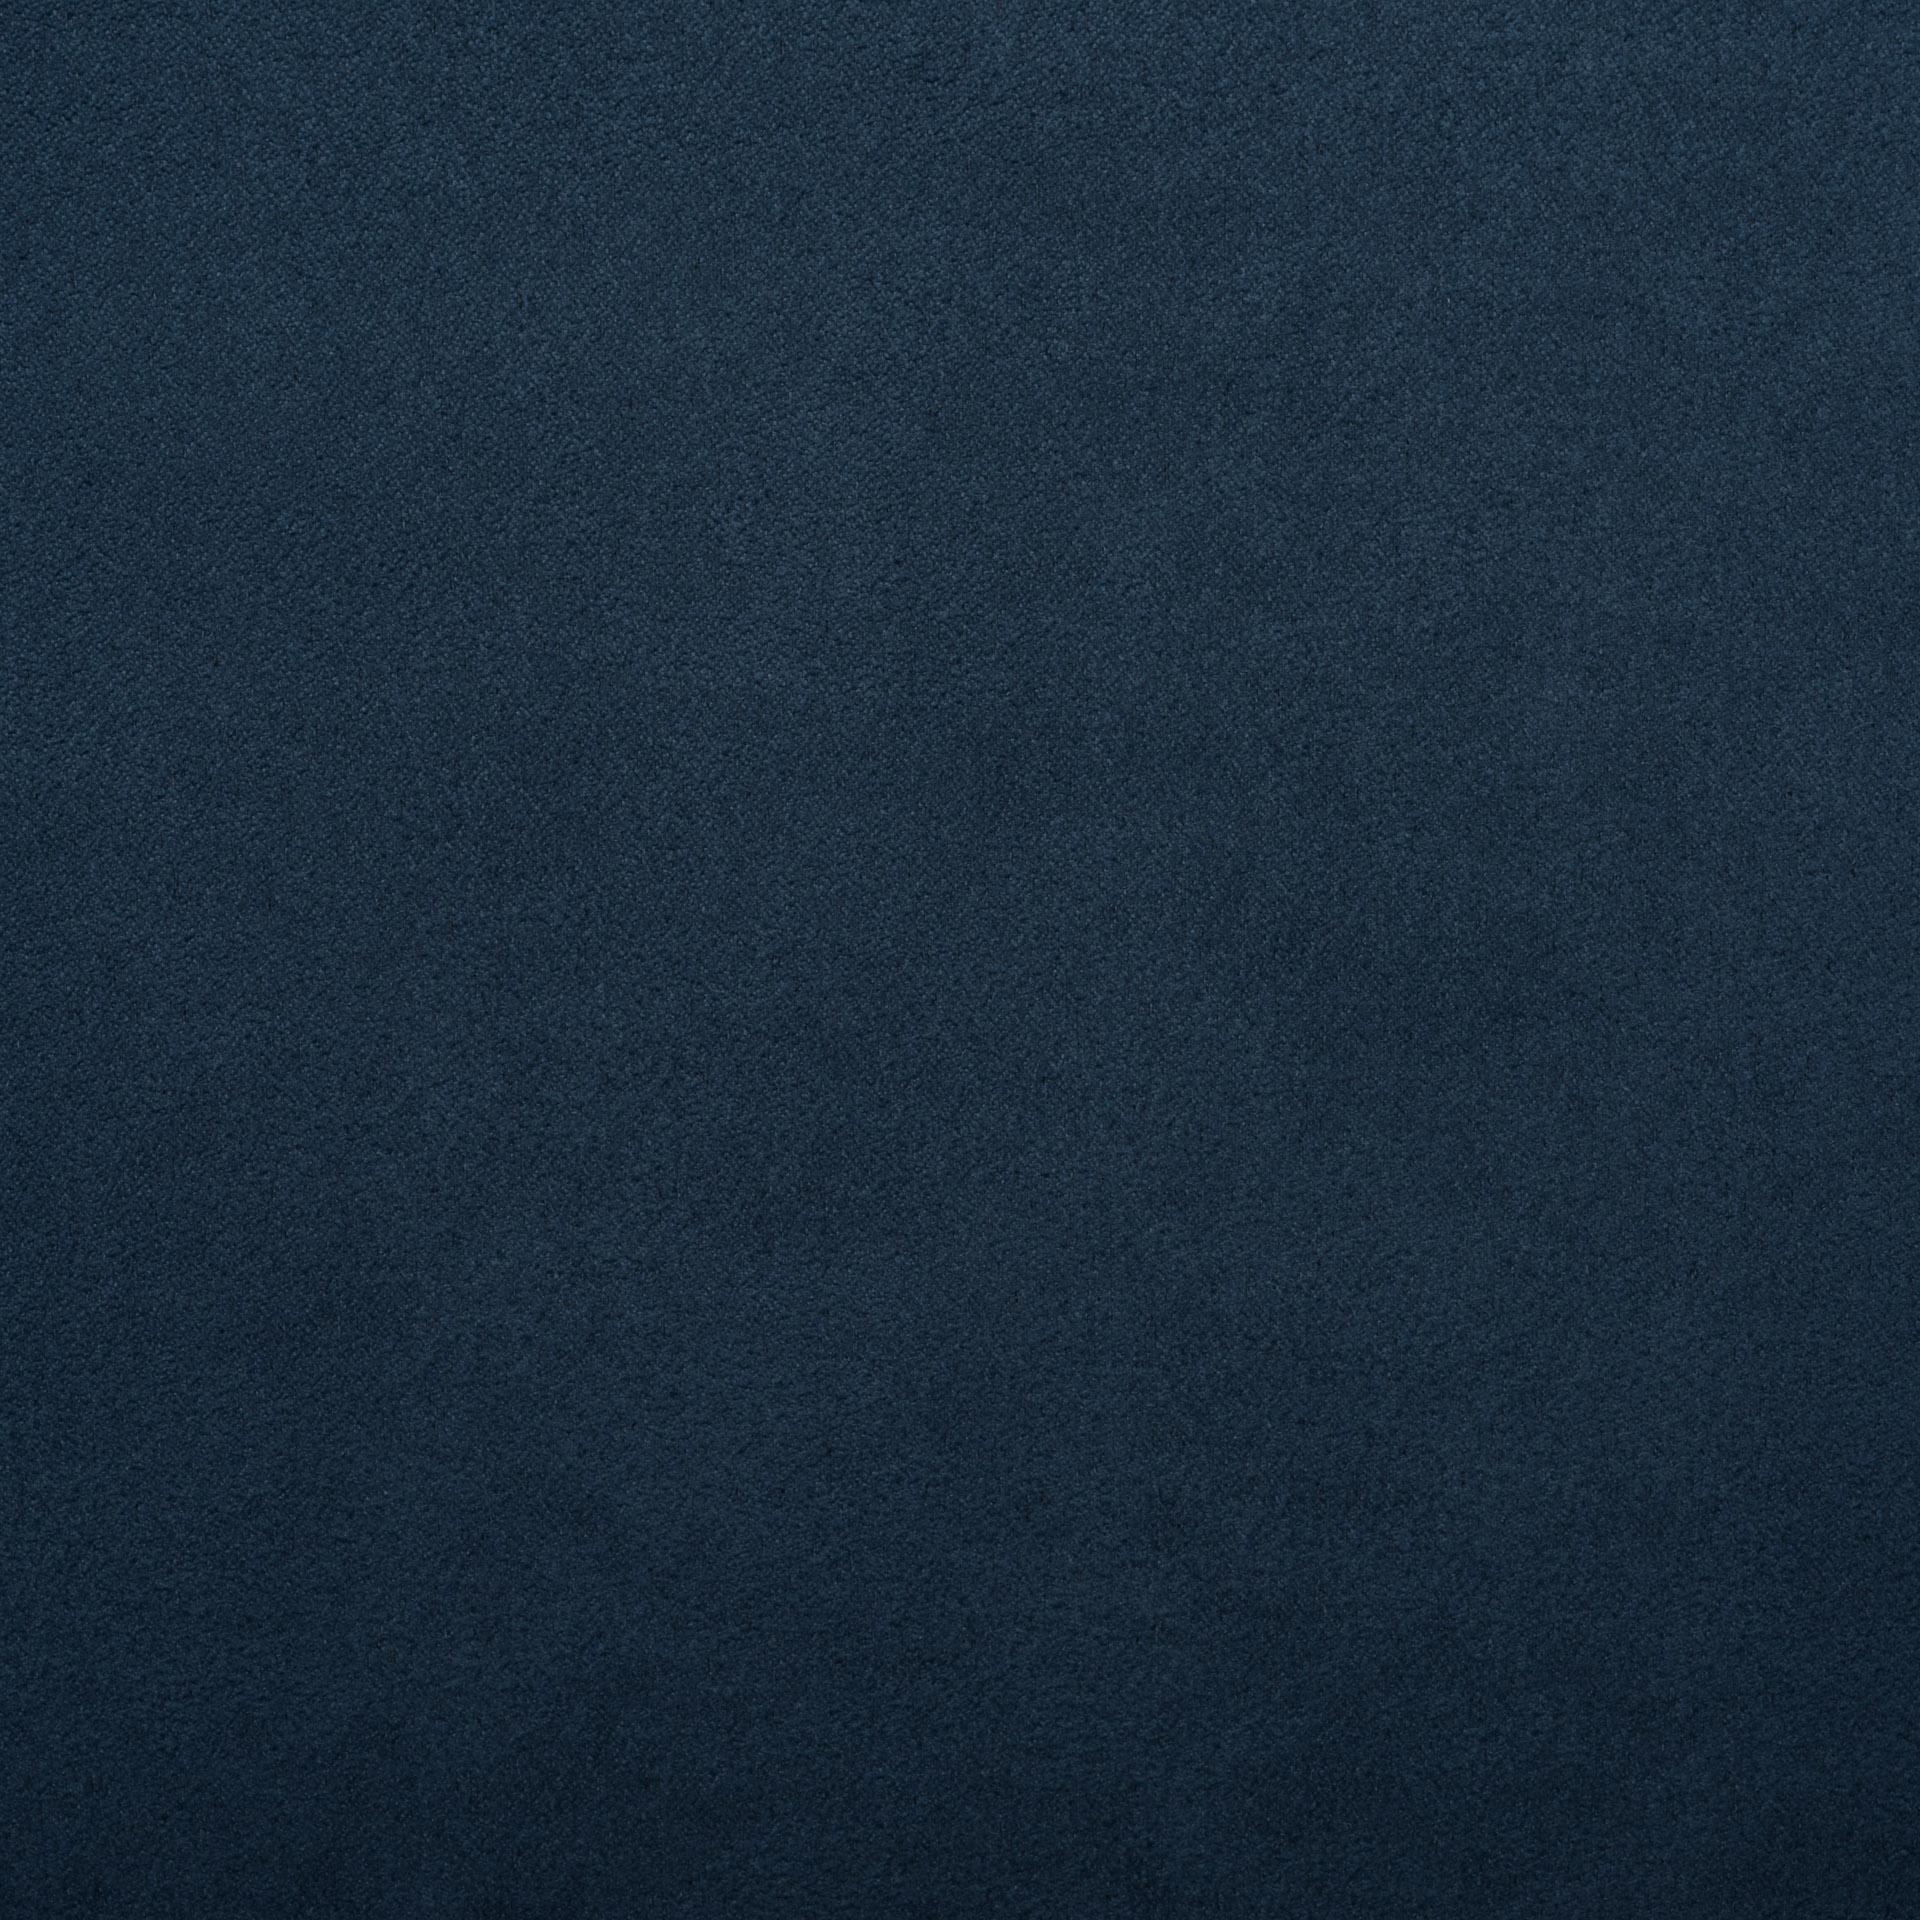 Коллекция ткани Бонд BLUE 12,  купить ткань Велюр для мебели Украина